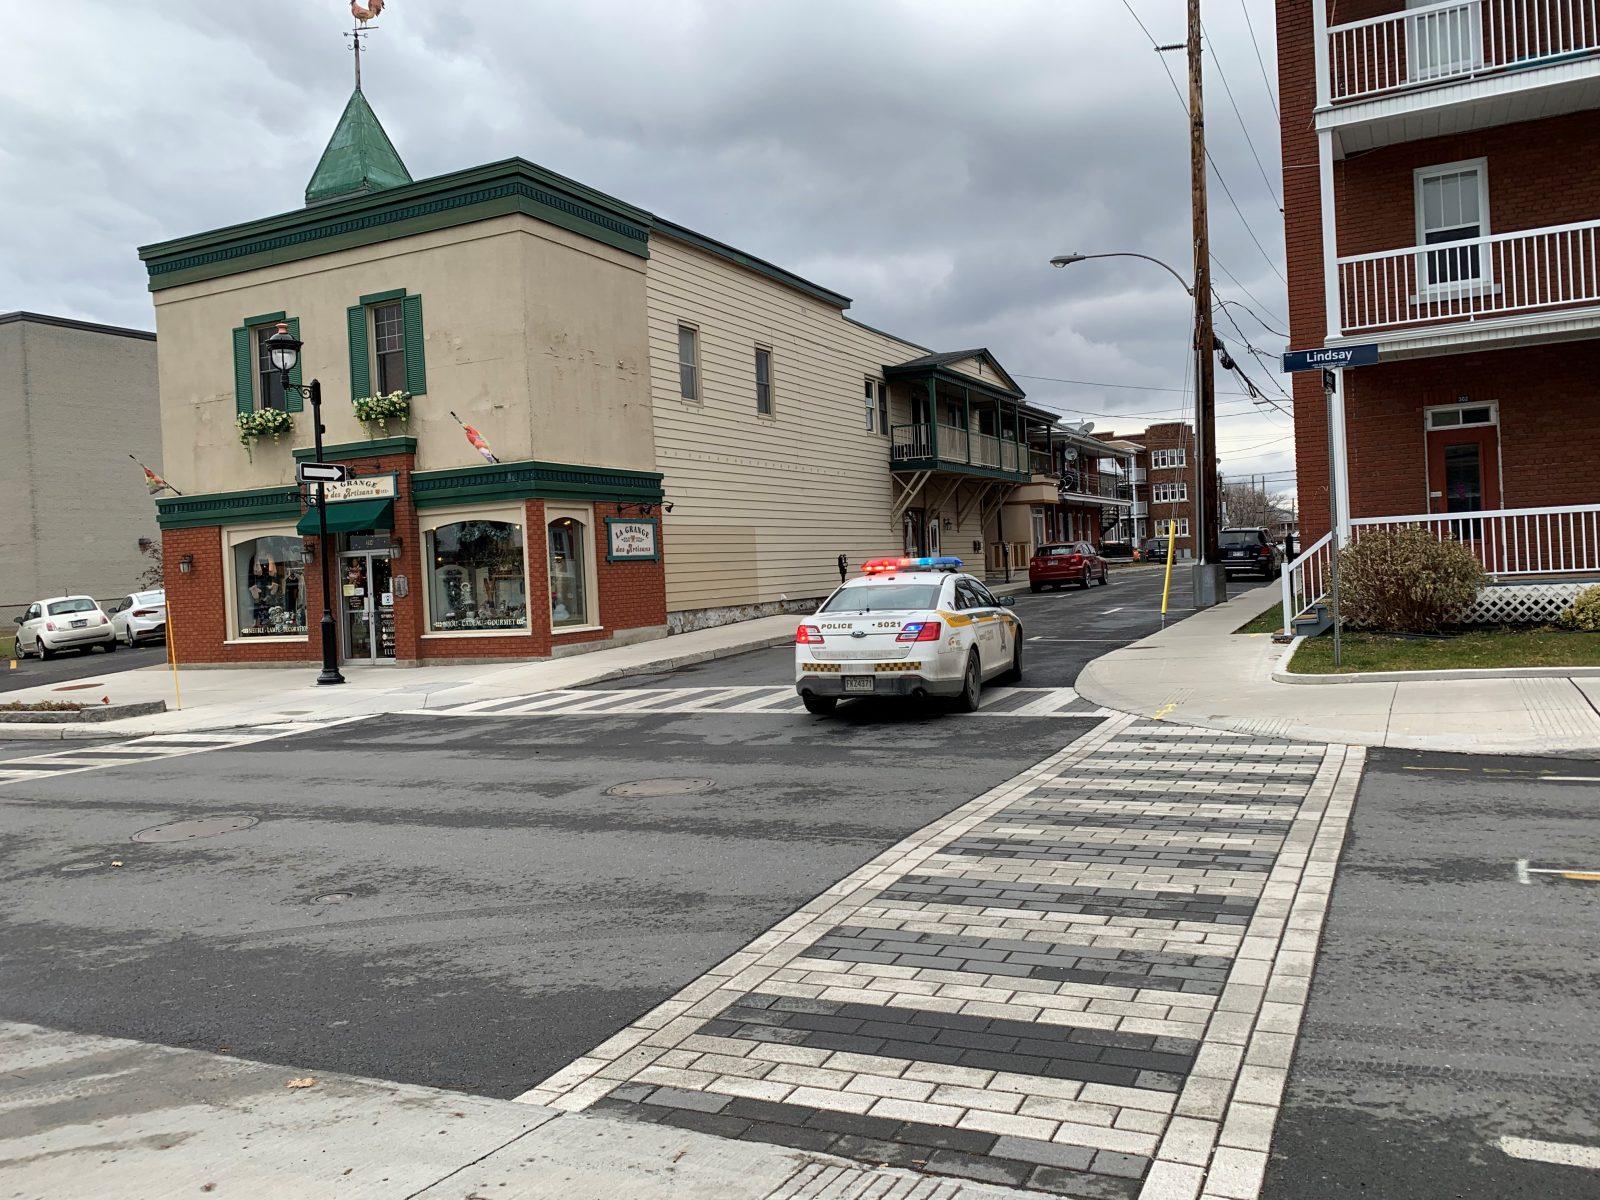 Un automobiliste happe un piéton au centre-ville de Drummondville